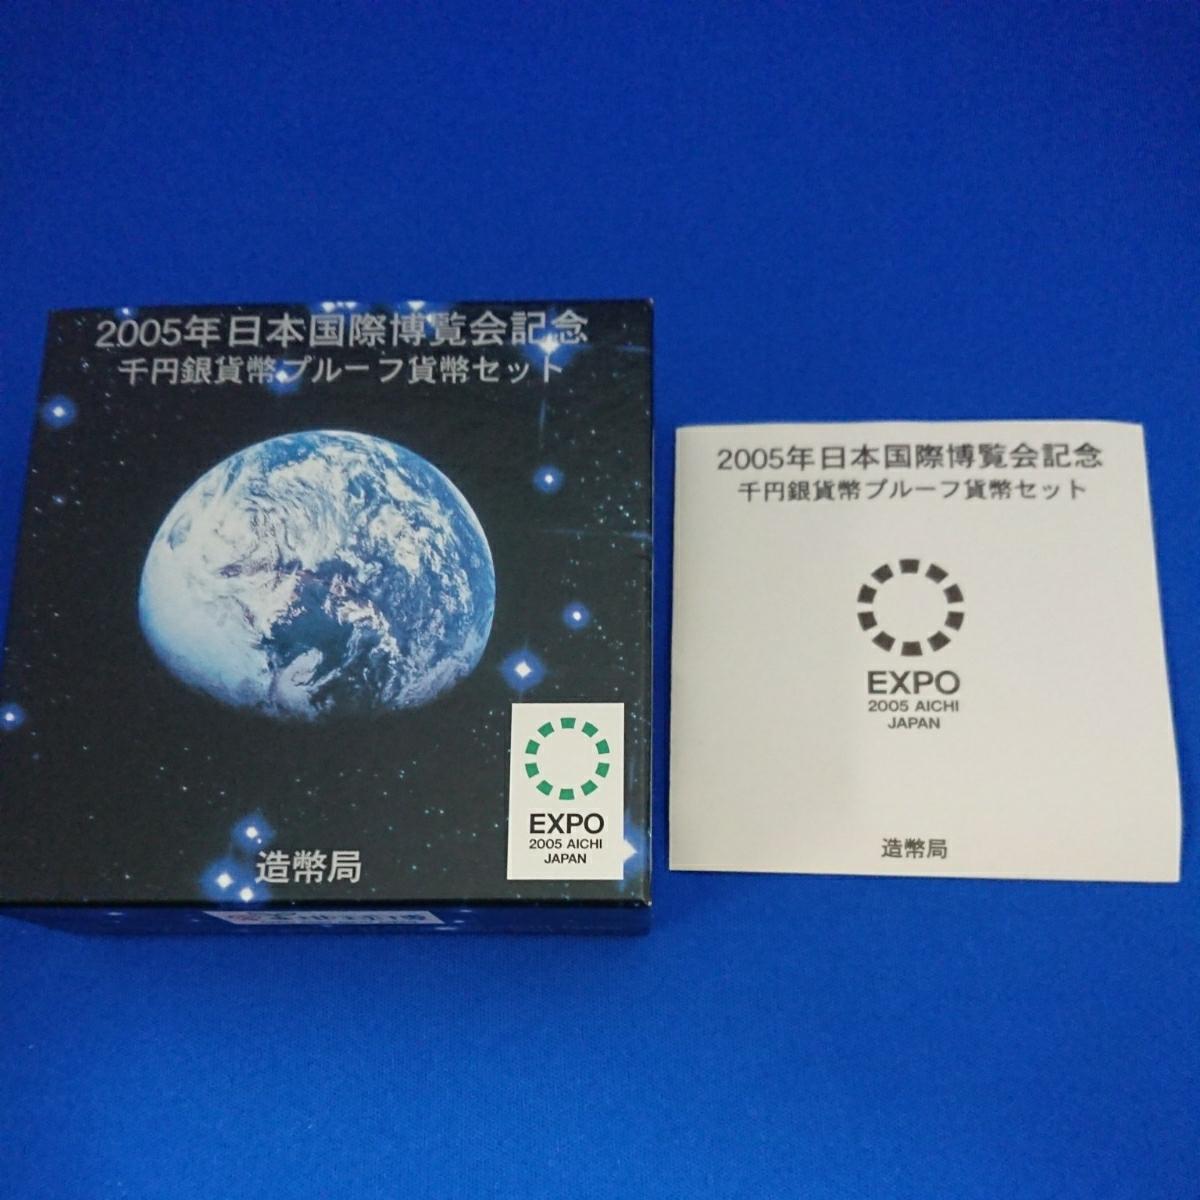 ♪♪♪2005年 愛・地球博  日本国際博覧会 記念貨幣発行記念メダル 千円銀貨幣プルーフ貨幣セット 2つまとめて 純銀 造幣局 ♪♪♪_画像5